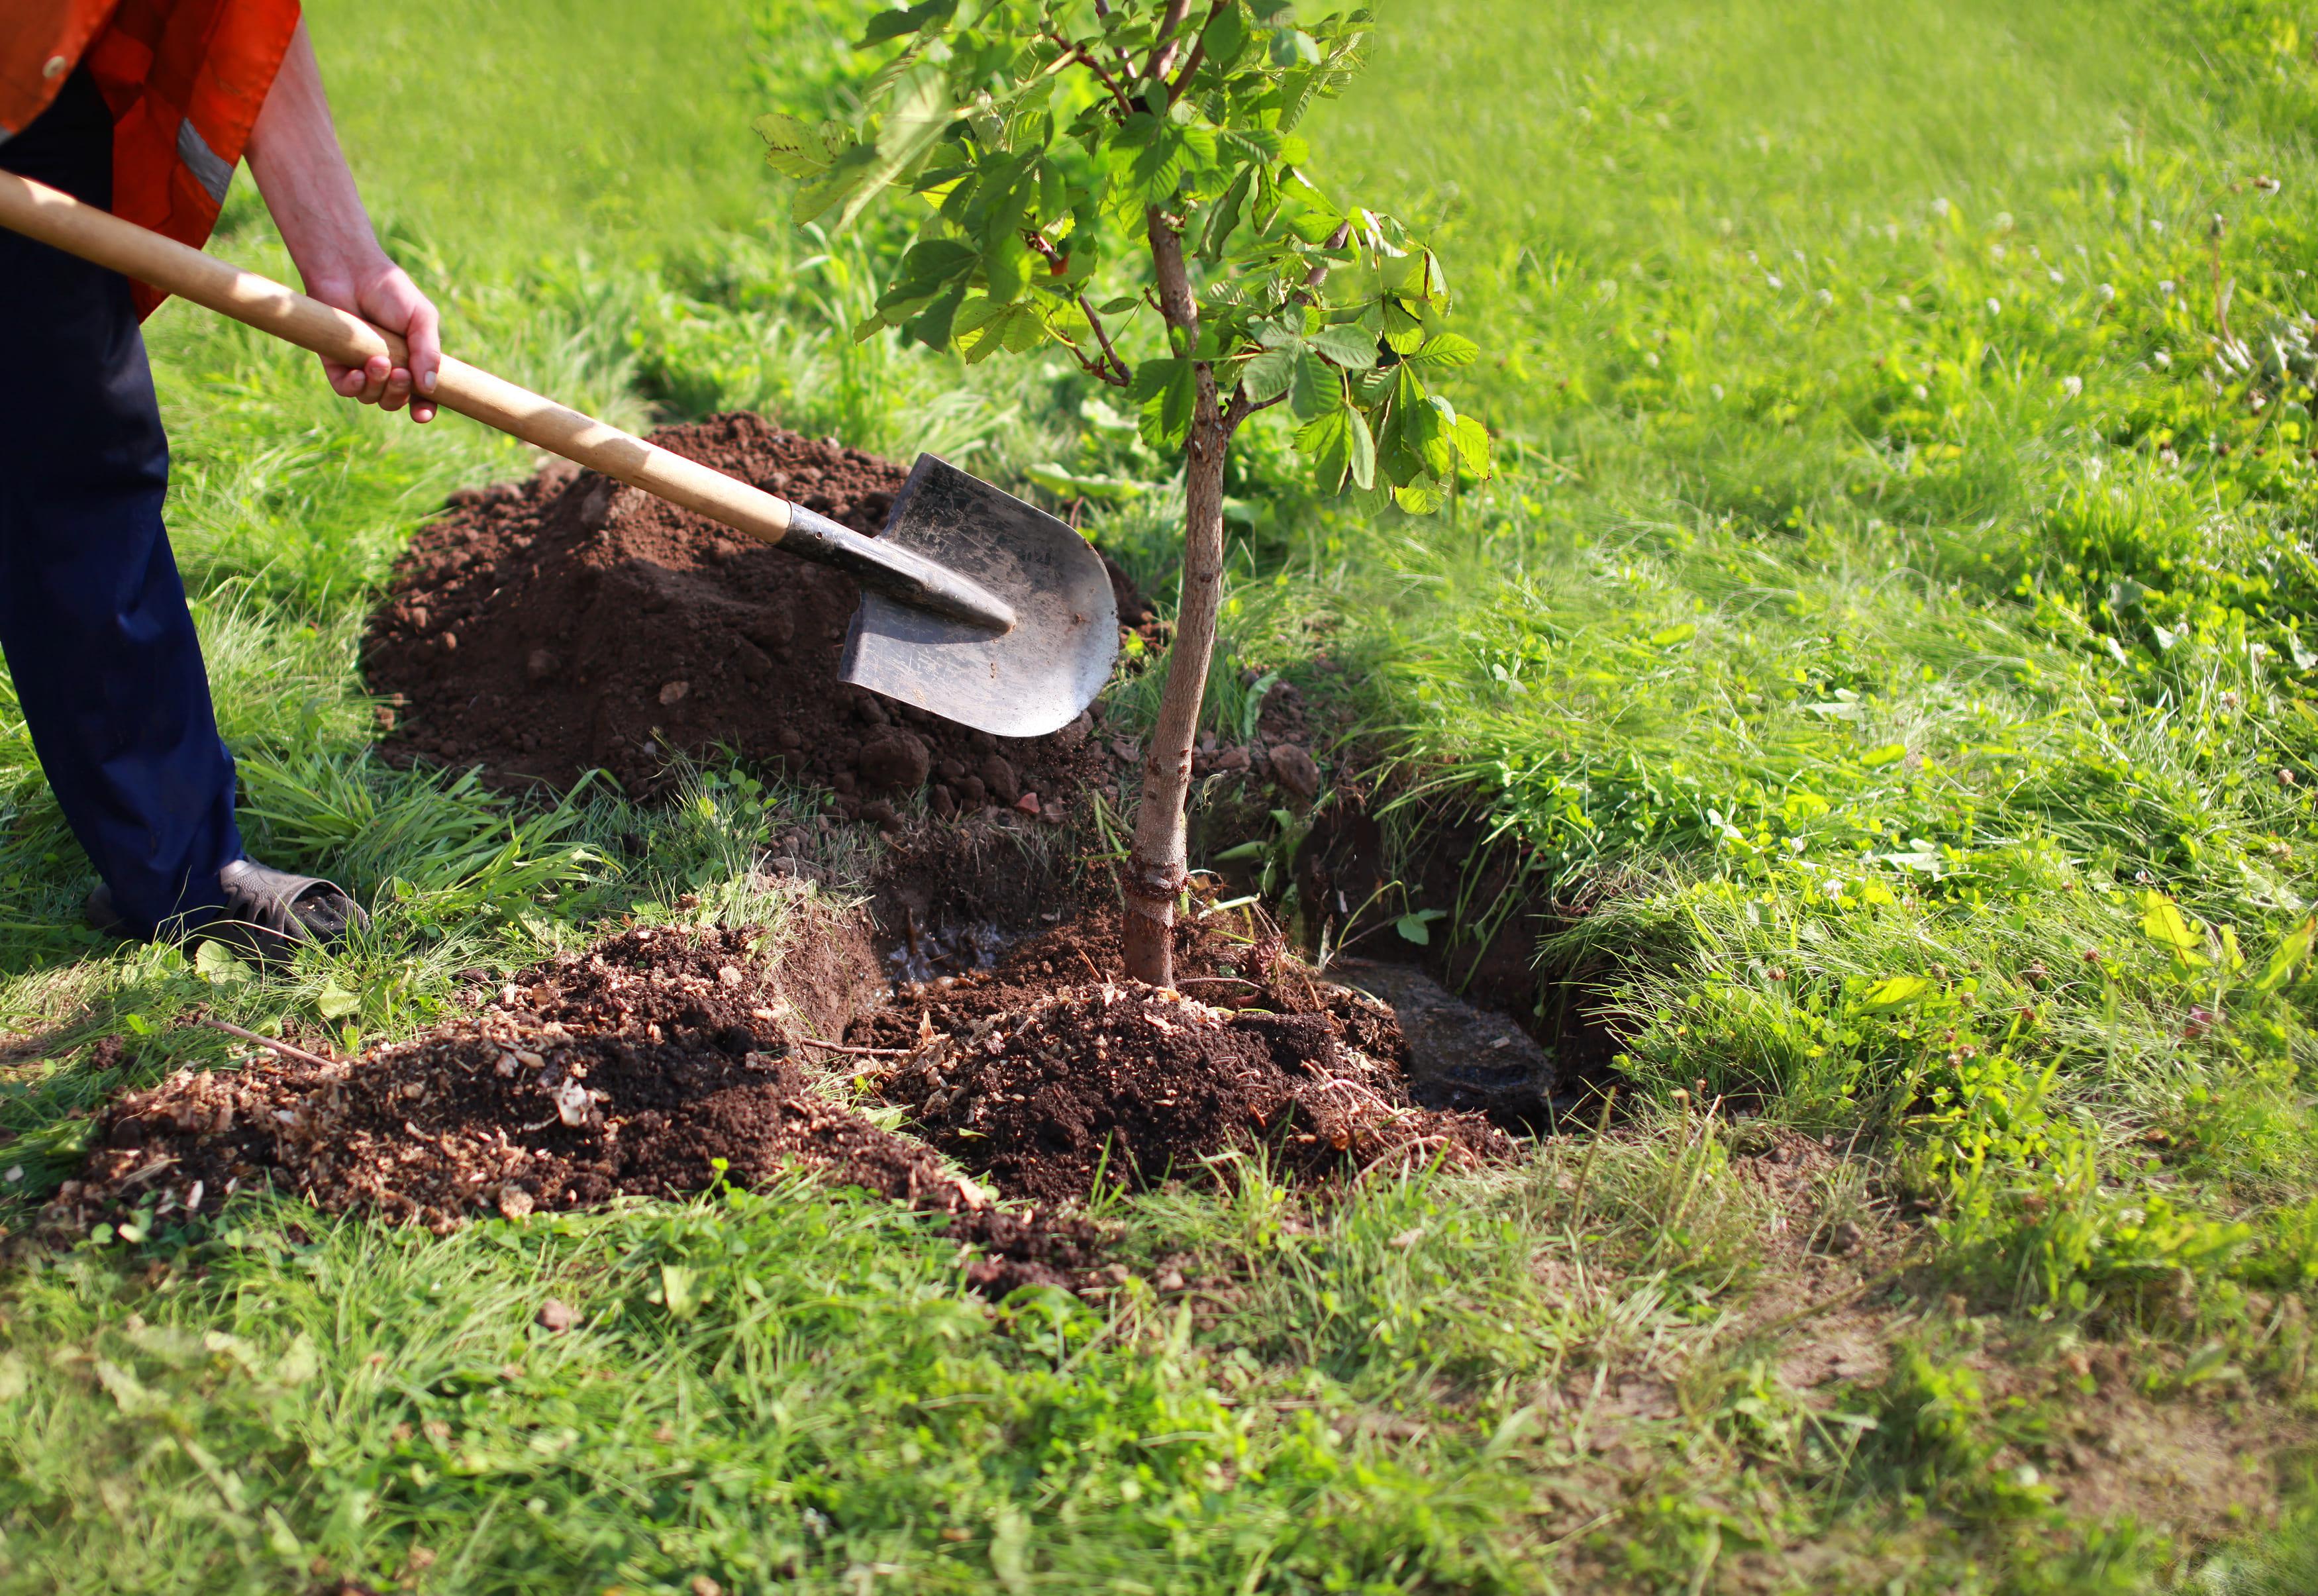 Imagem de uma planta para remeter ao empreendedor que deseja montar um serviço de hidroponia